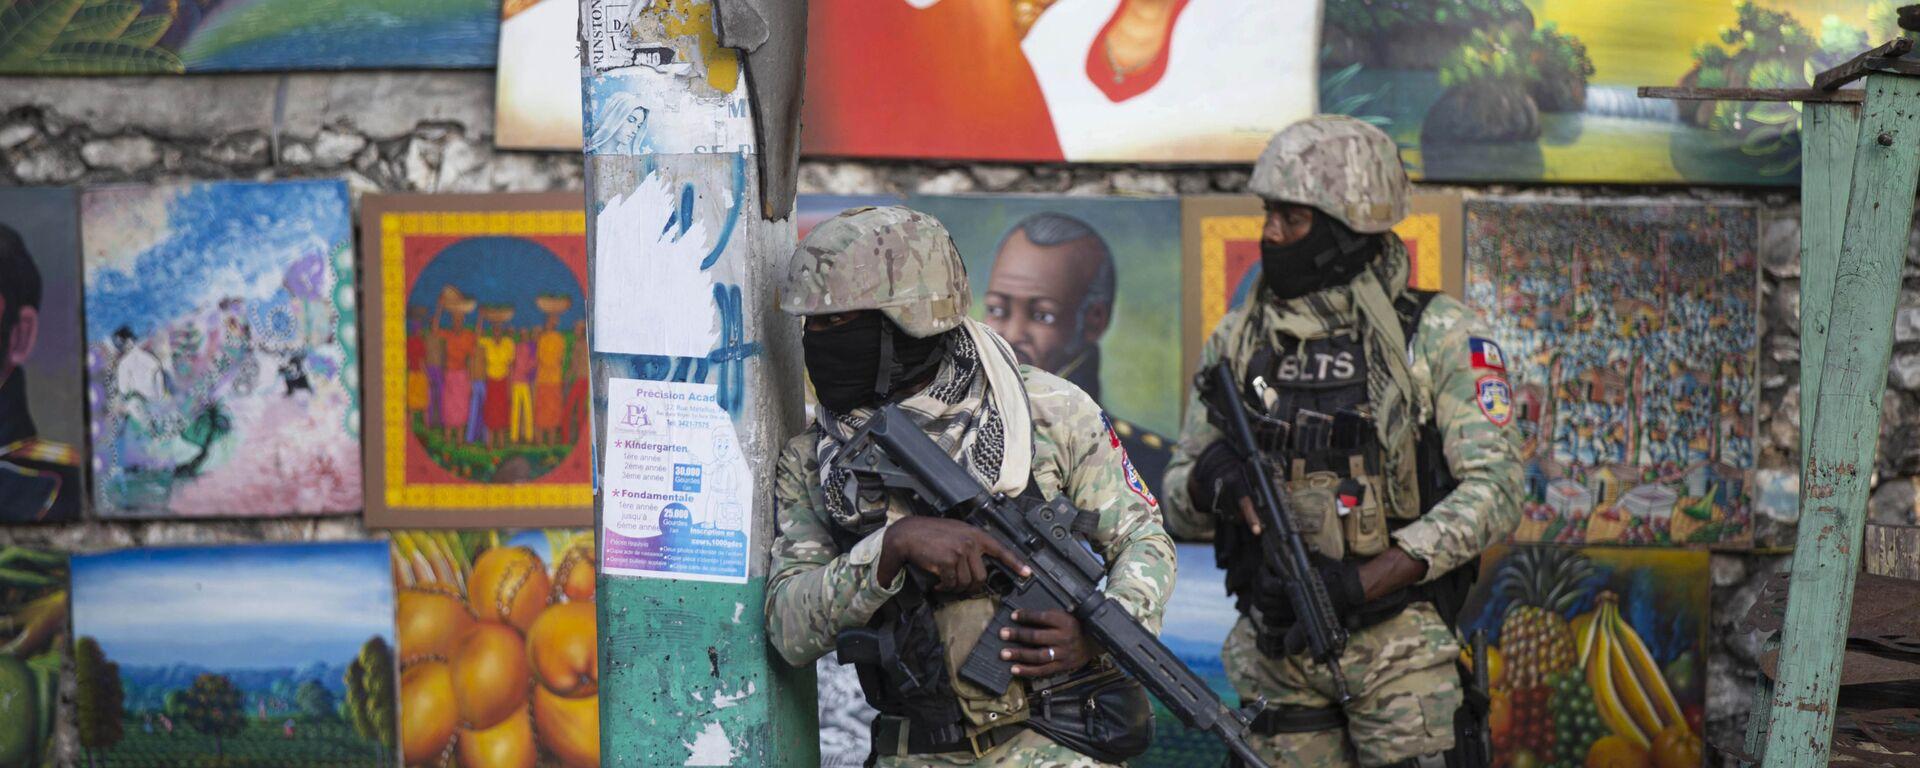 Солдаты патрулируют Петион Вилль, район, где жил покойный президент Гаити Жовенель Мойз, в Порт-о-Пренсе, Гаити - Sputnik Mundo, 1920, 10.07.2021